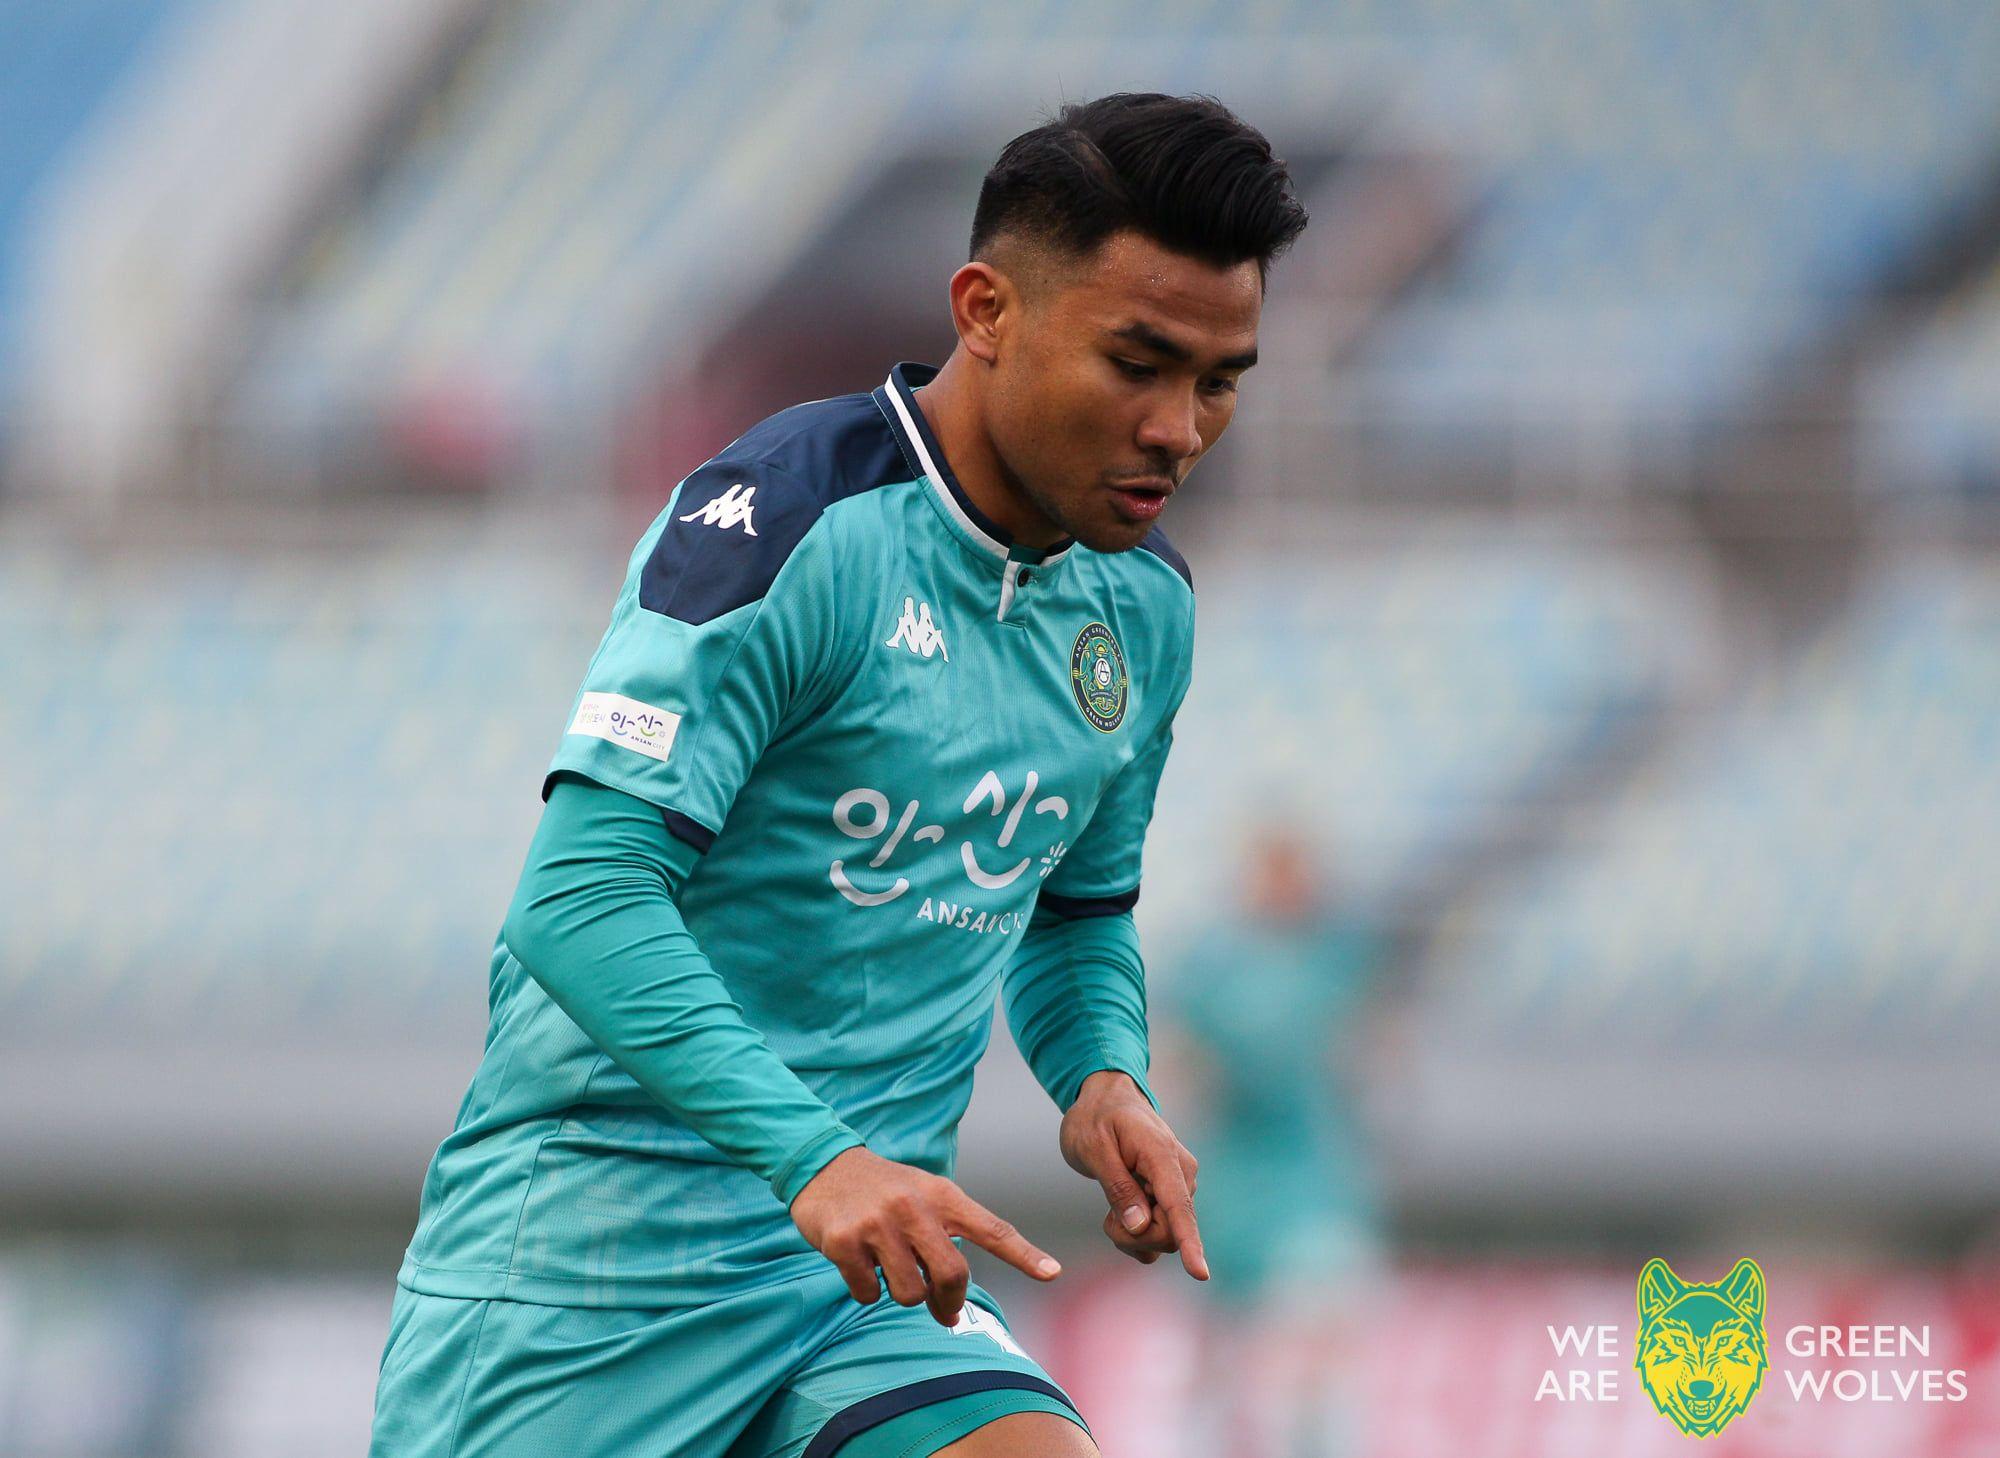 Bek asal Indonesia, Asnawi Mangkualam Bahar, saat menjalani debut untuk tim Ansan Greeners di babak 32 besar Piala FA Korea Selatan, Minggu (28/3/2021).